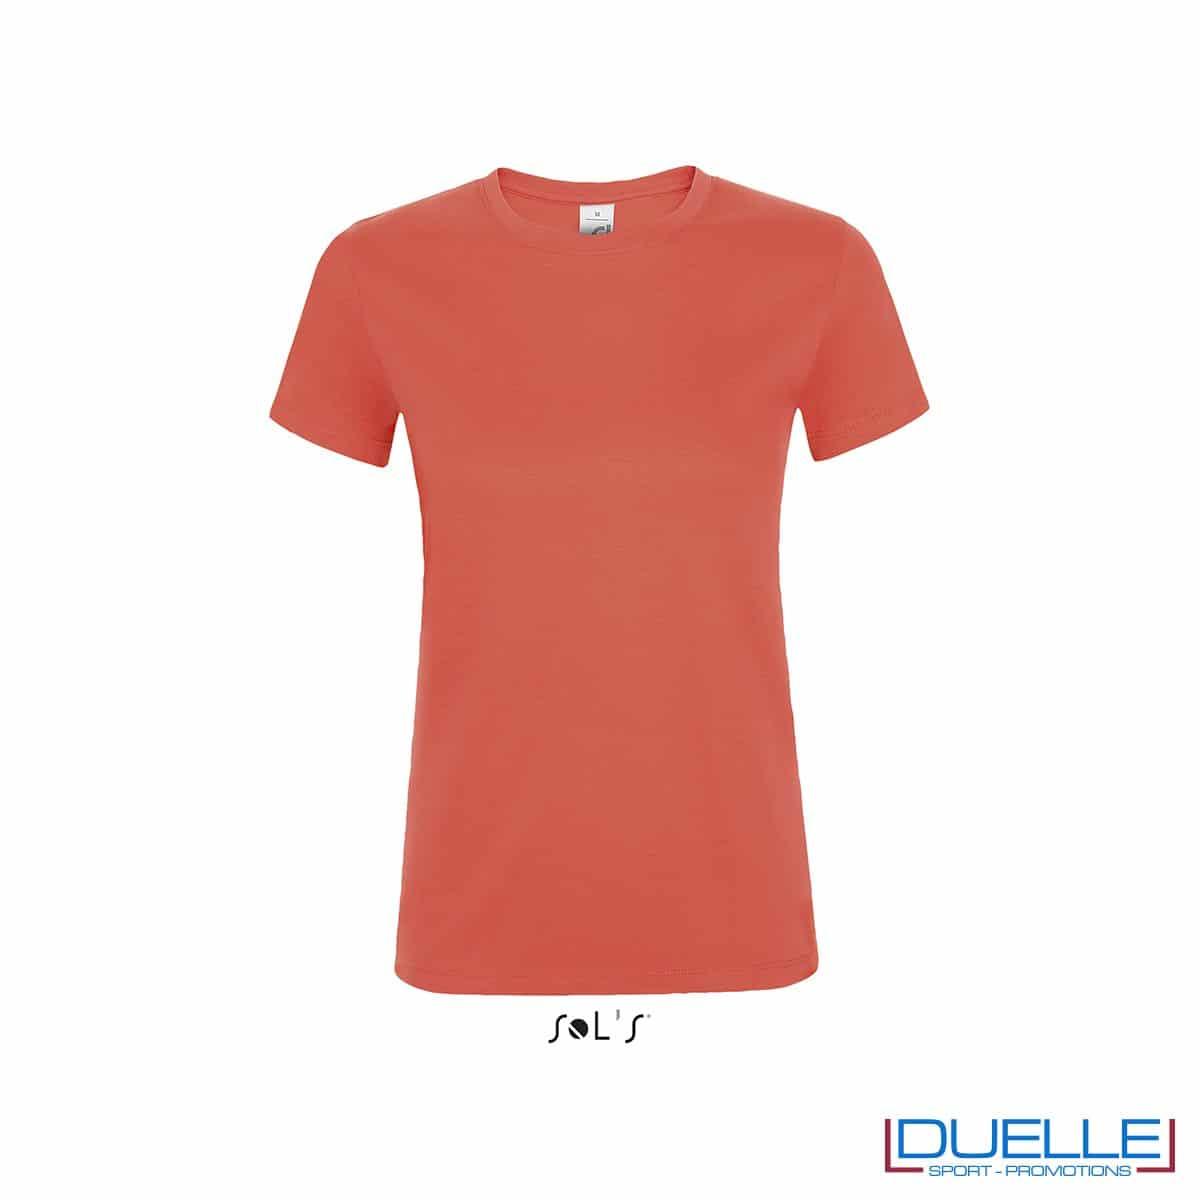 tshirt promozionale da donna in colore corallo